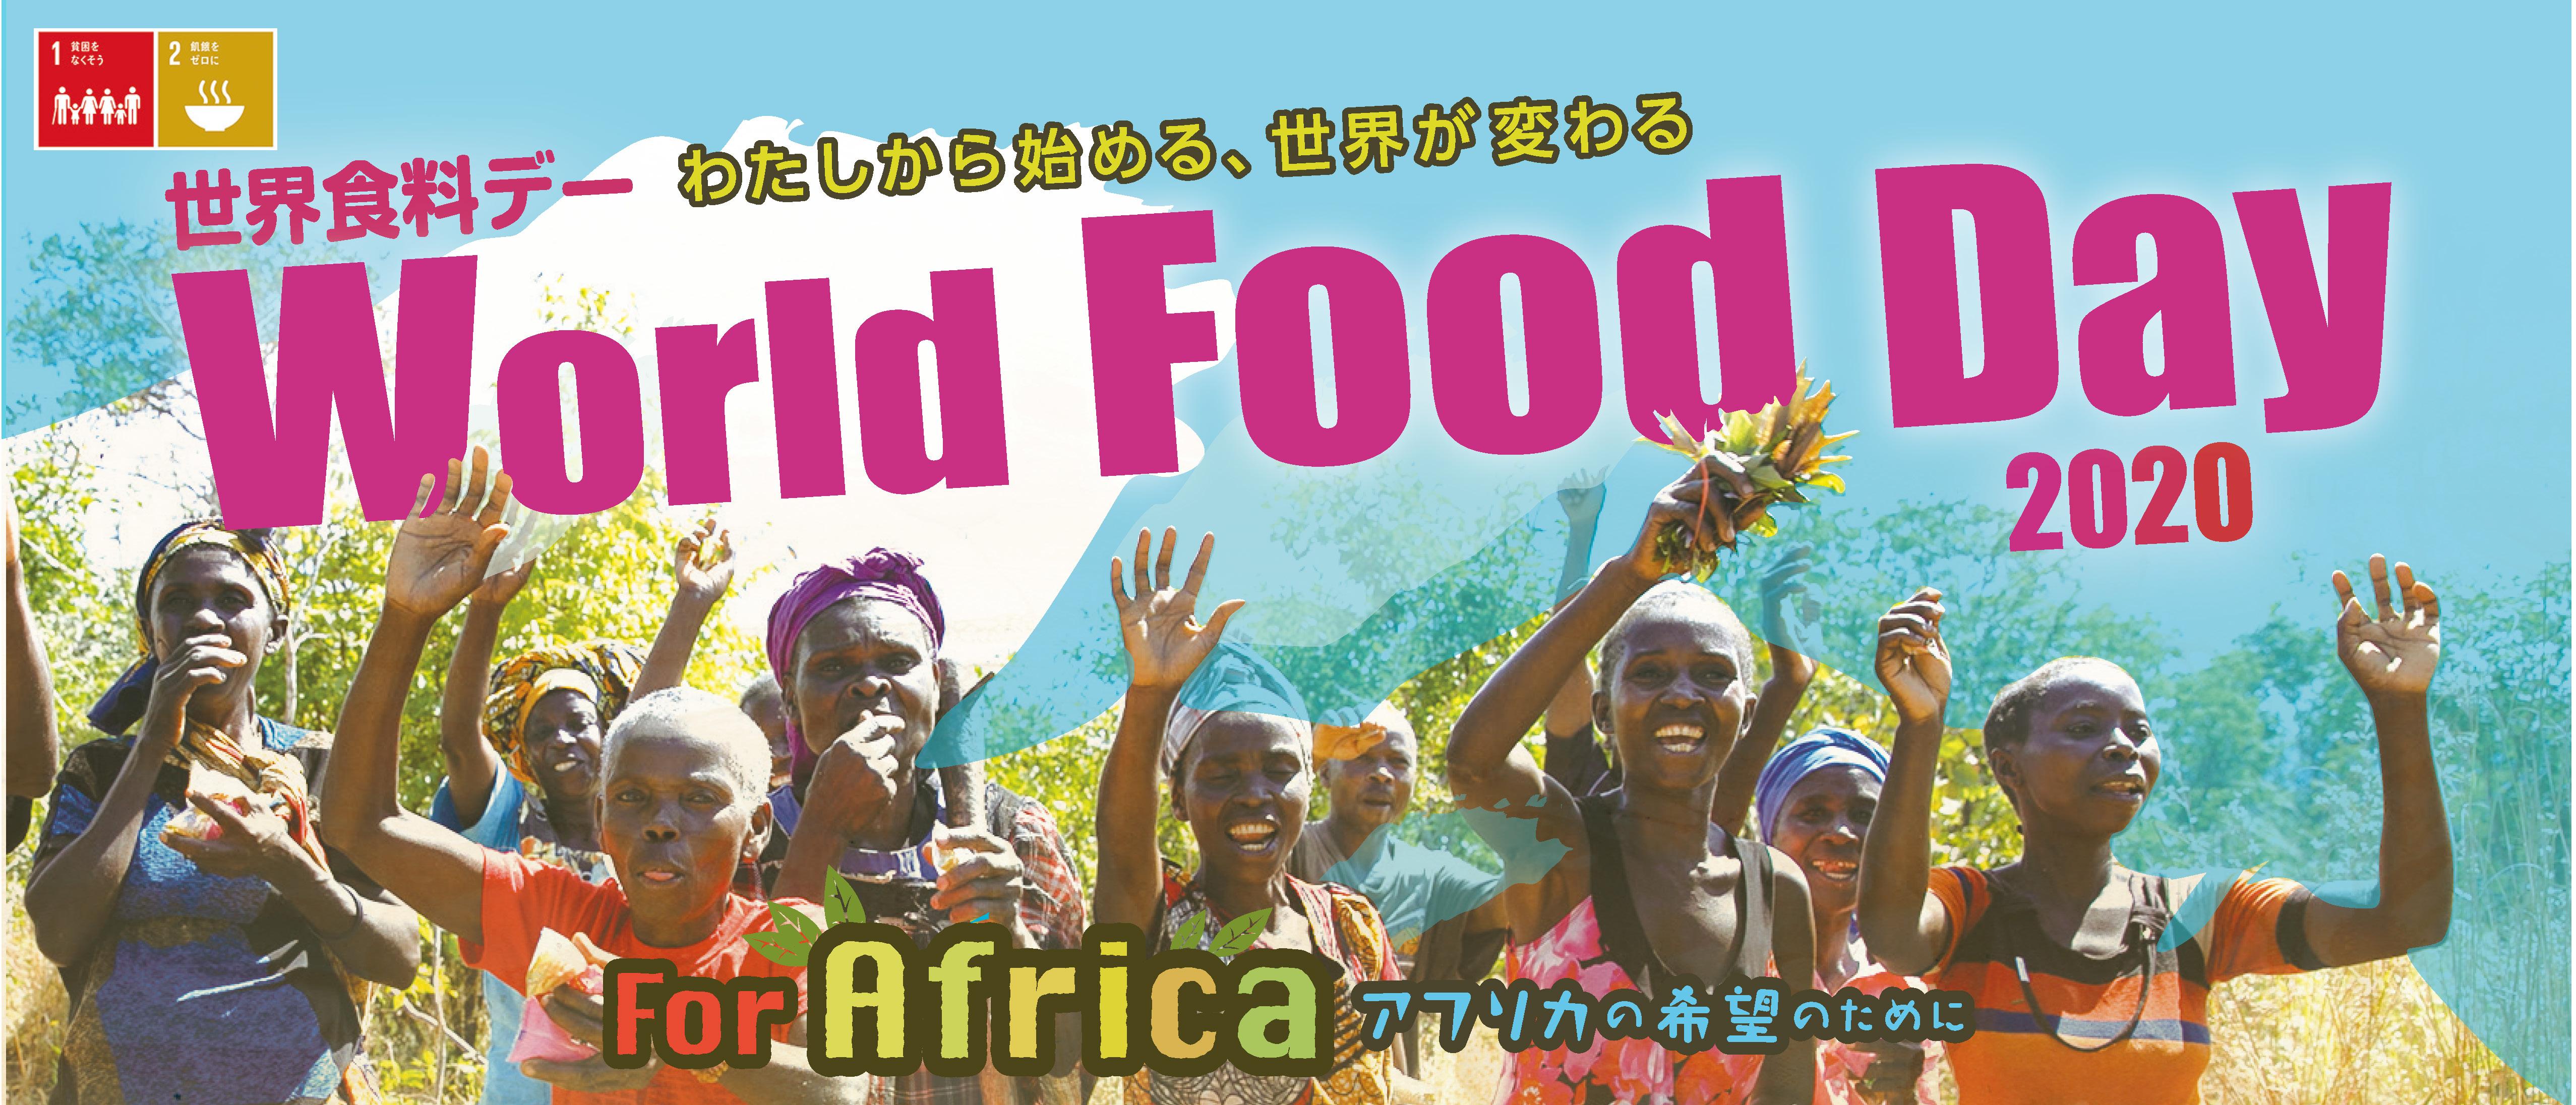 世界食料デー2020特設ページ